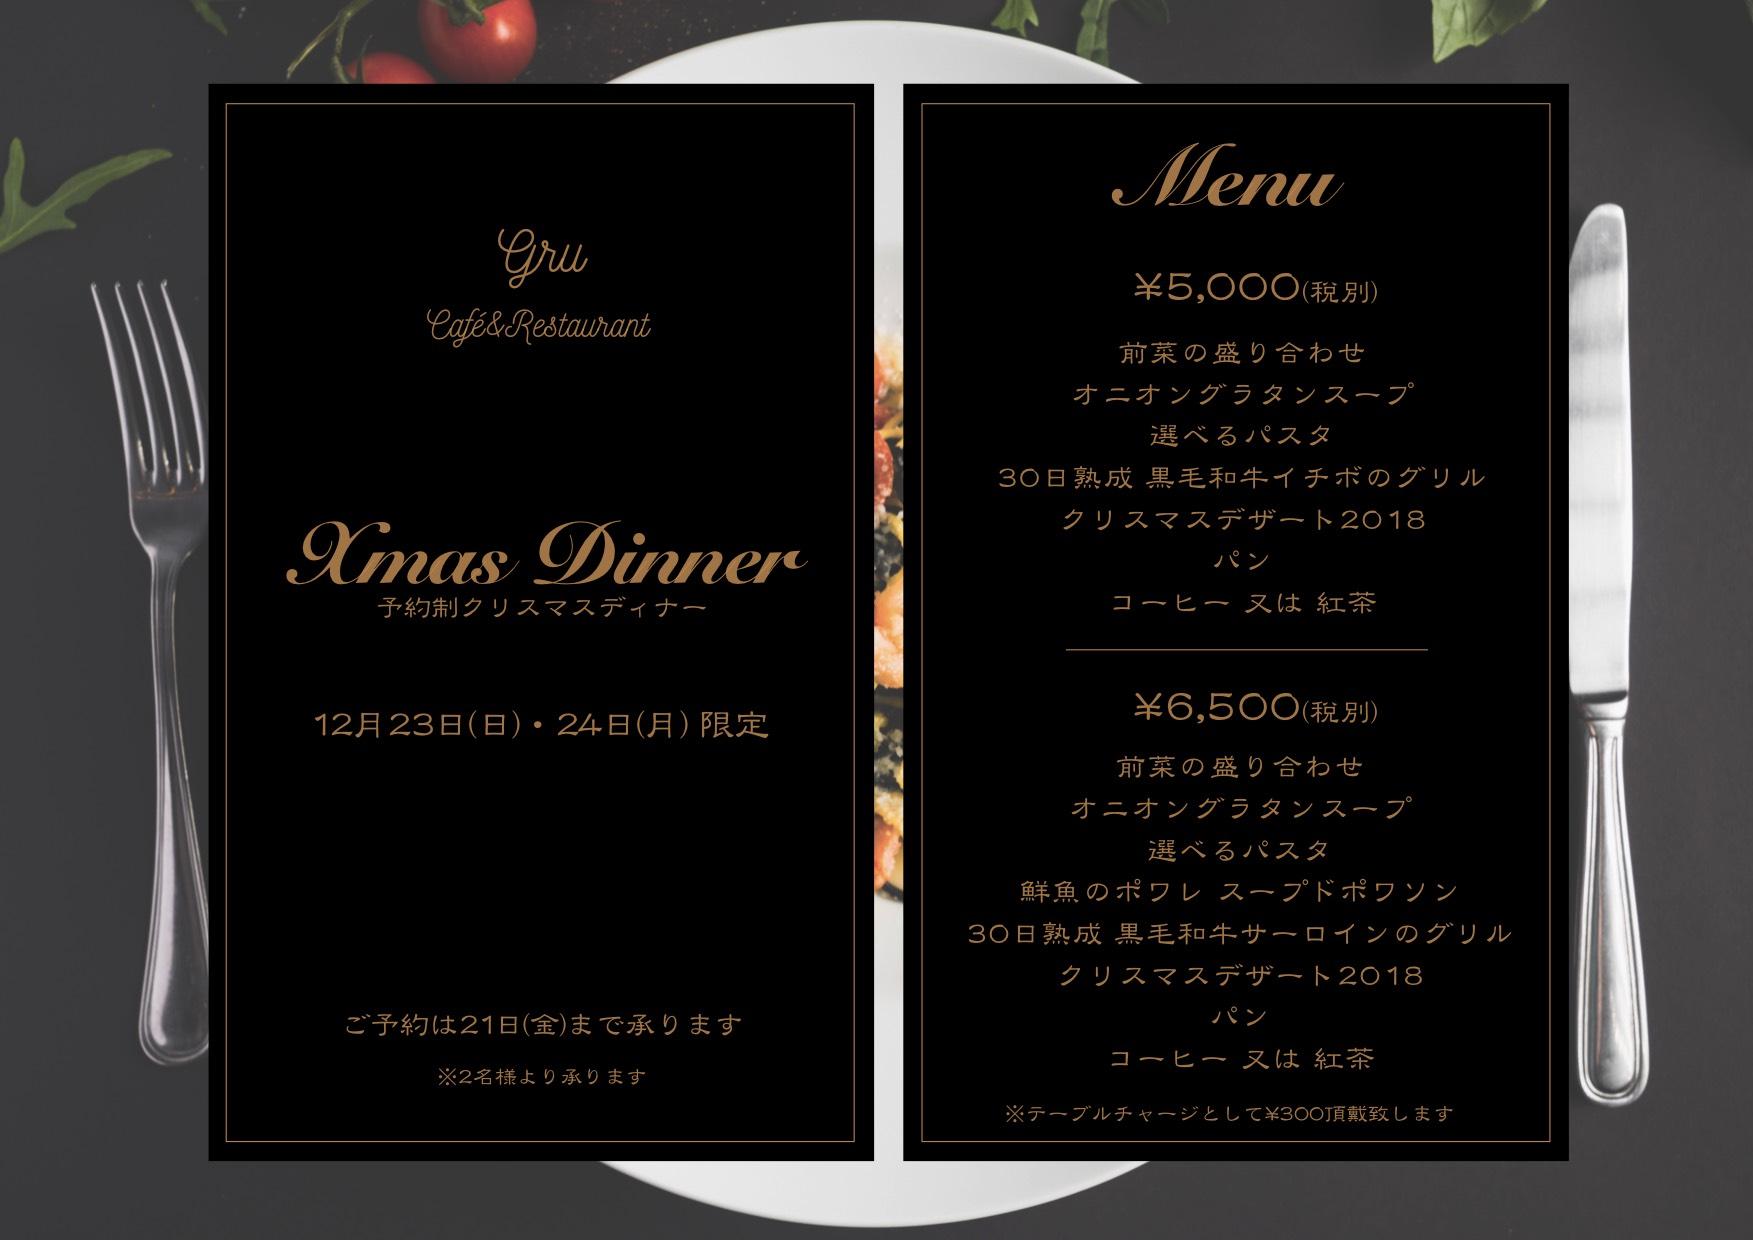 予約制クリスマスディナーのお知らせ